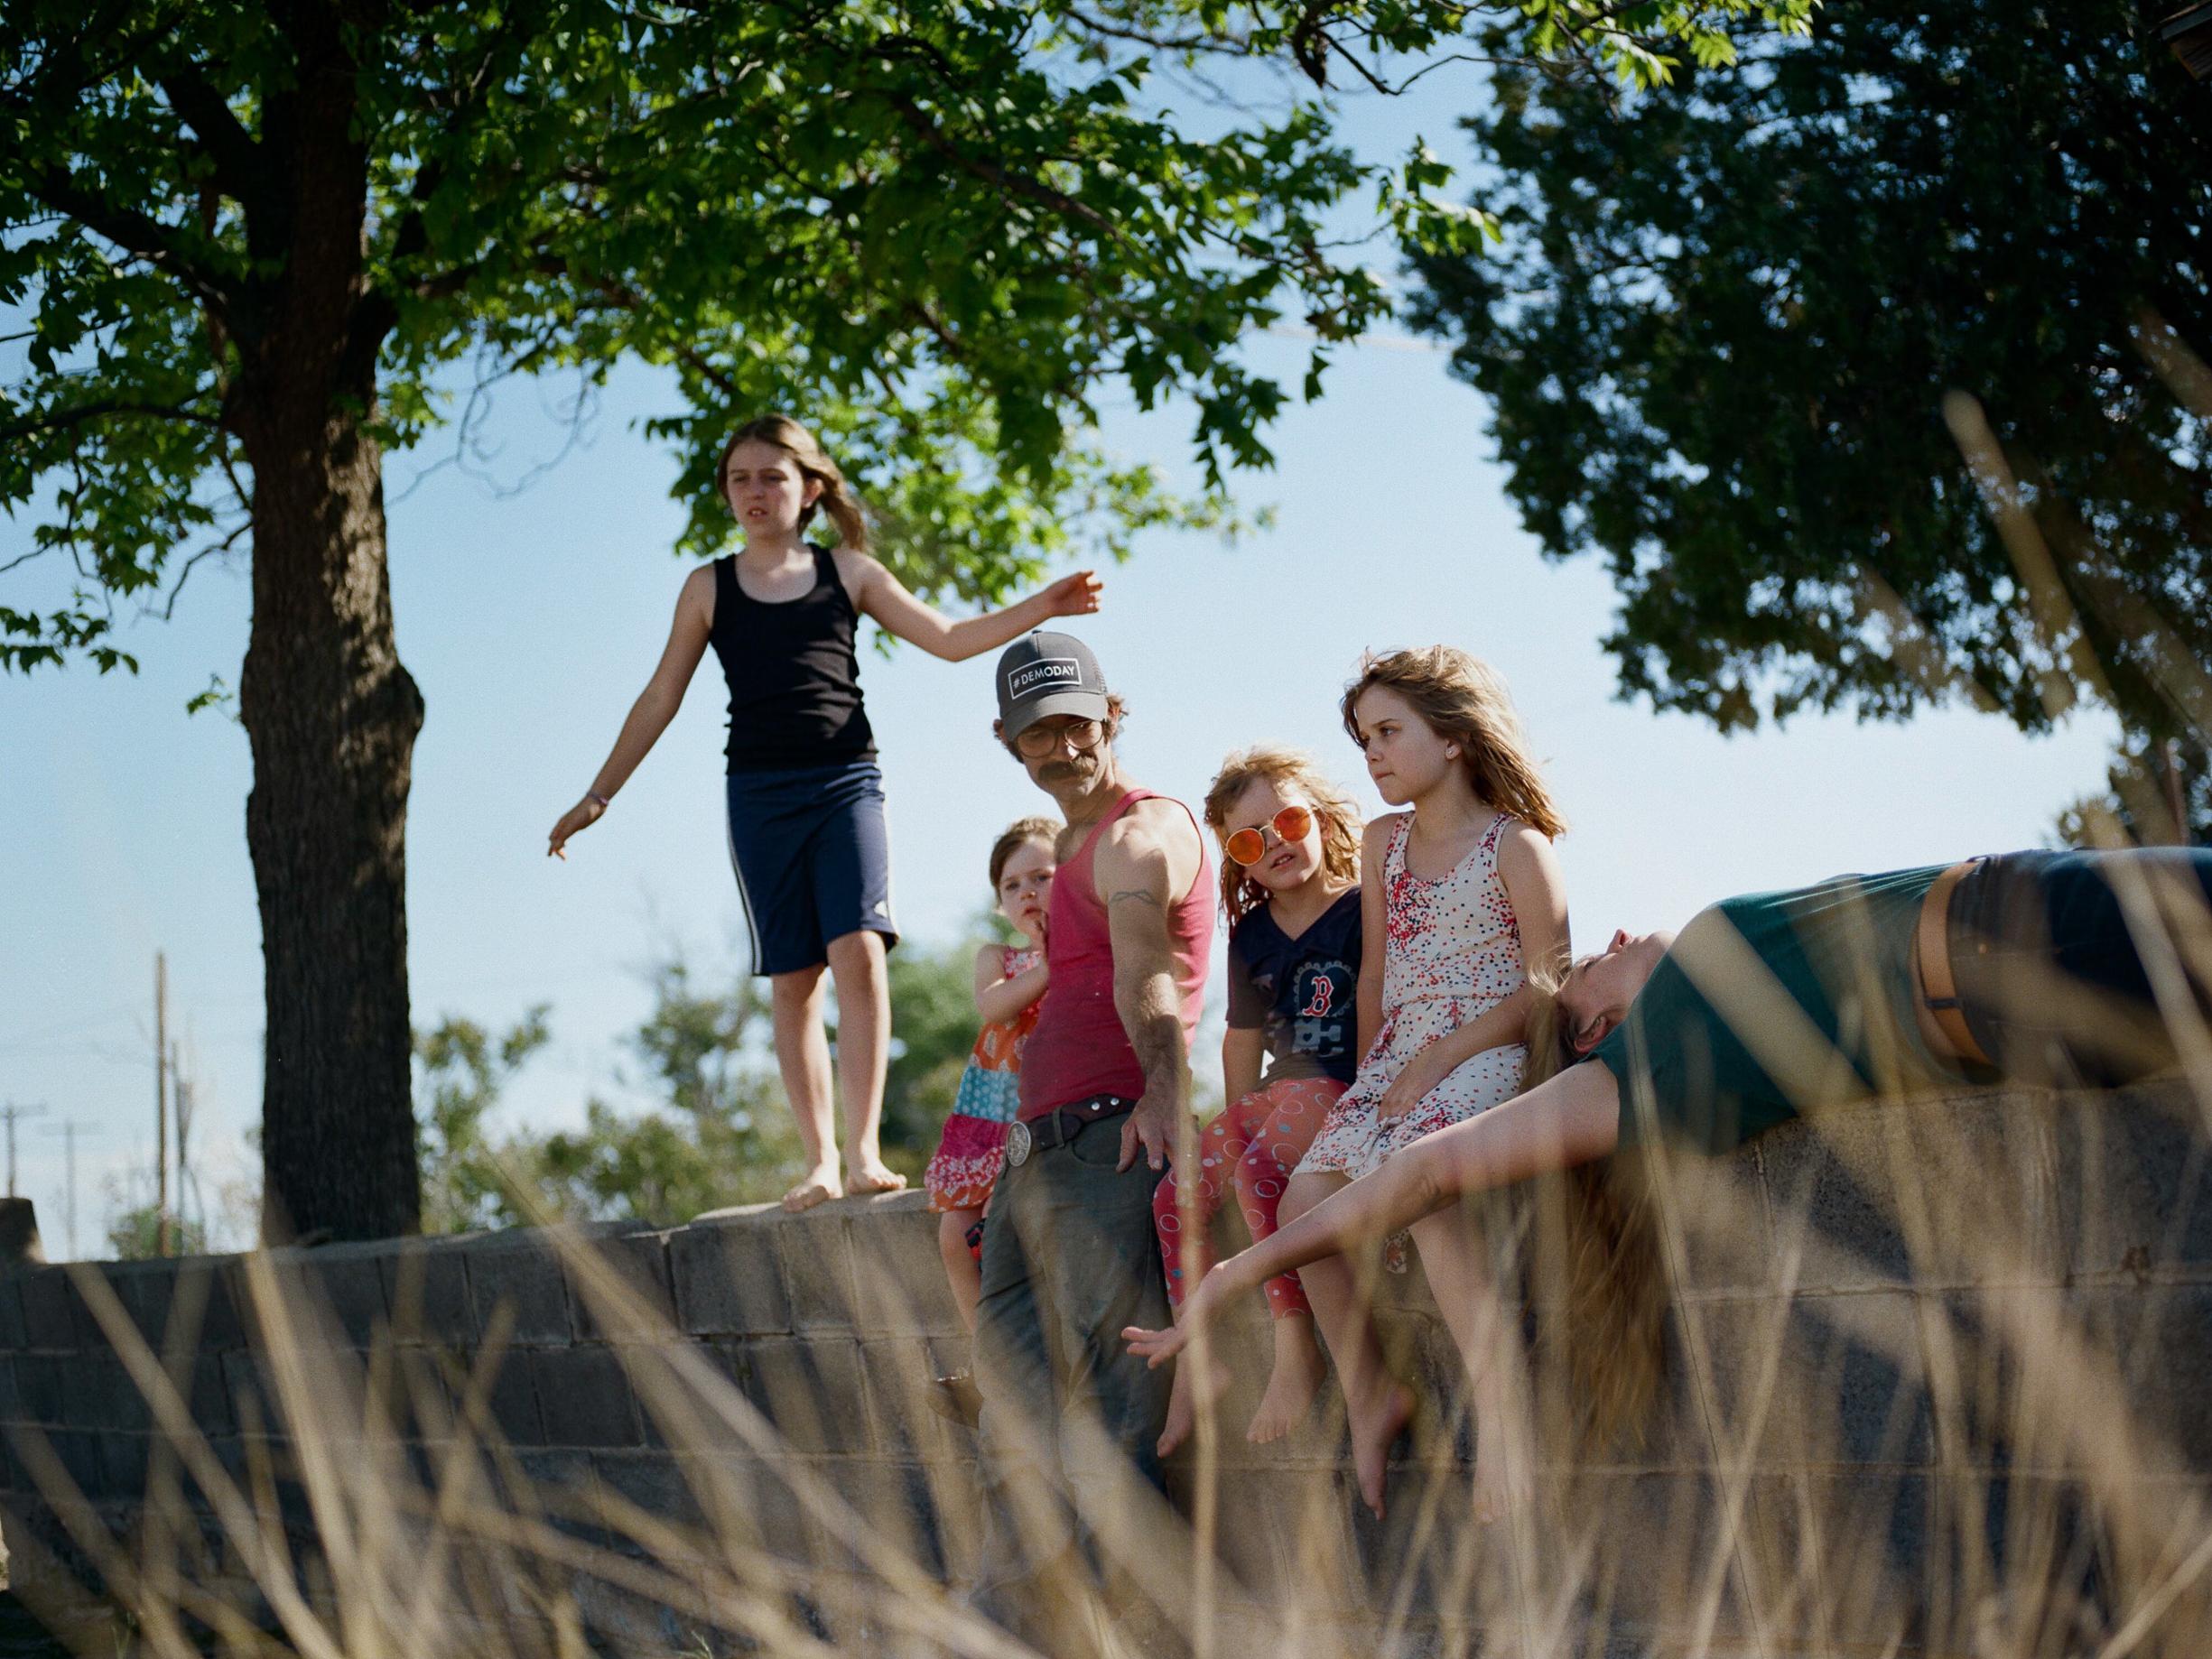 Cathlin McCullough Austin Lifestyle Photography -71.jpg